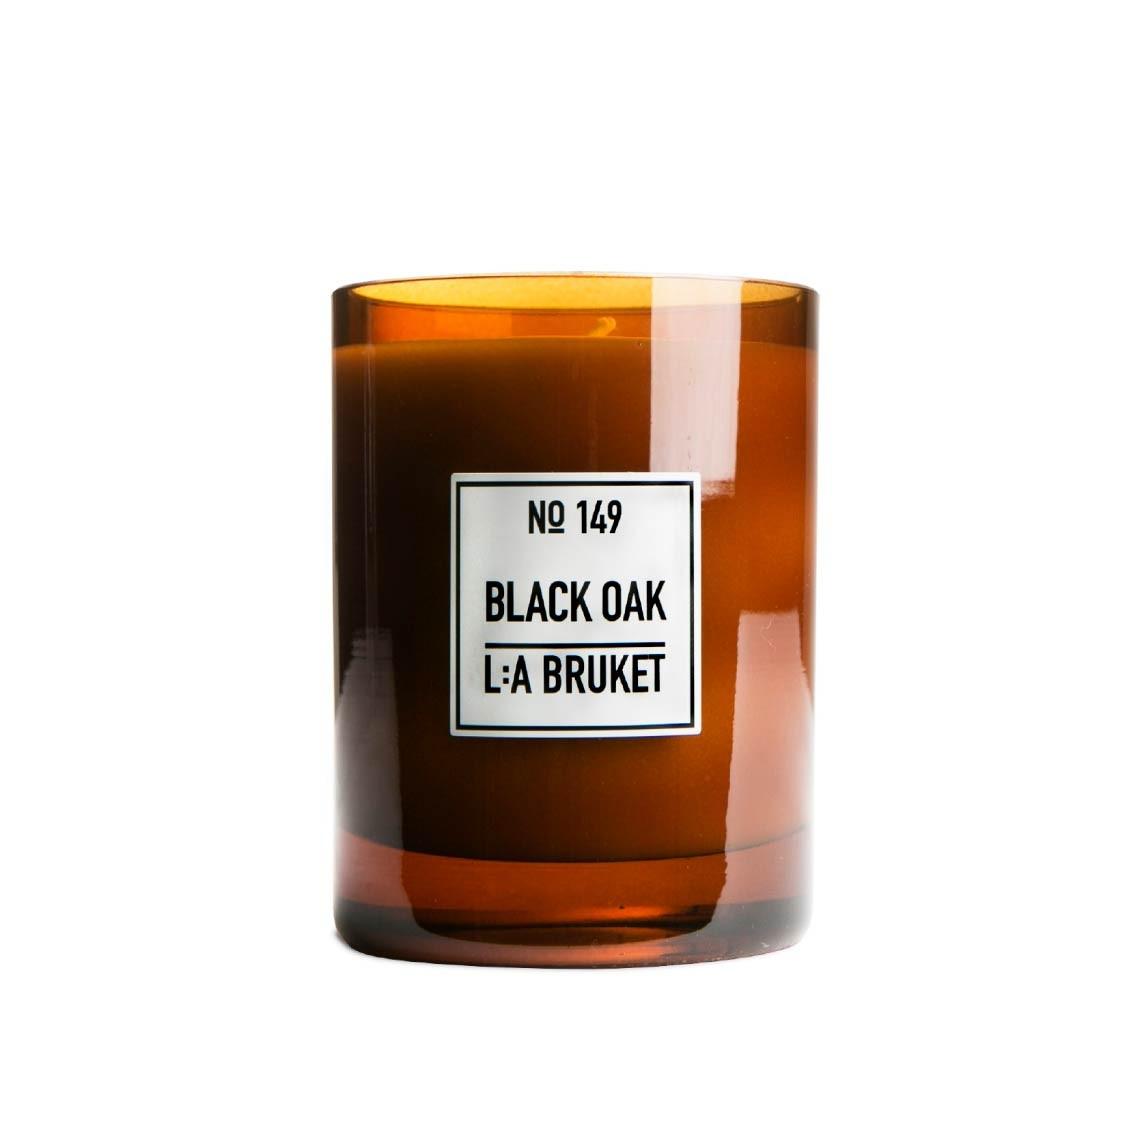 L:A BRUKET 149 黑橡木 香氛蠟燭 260g